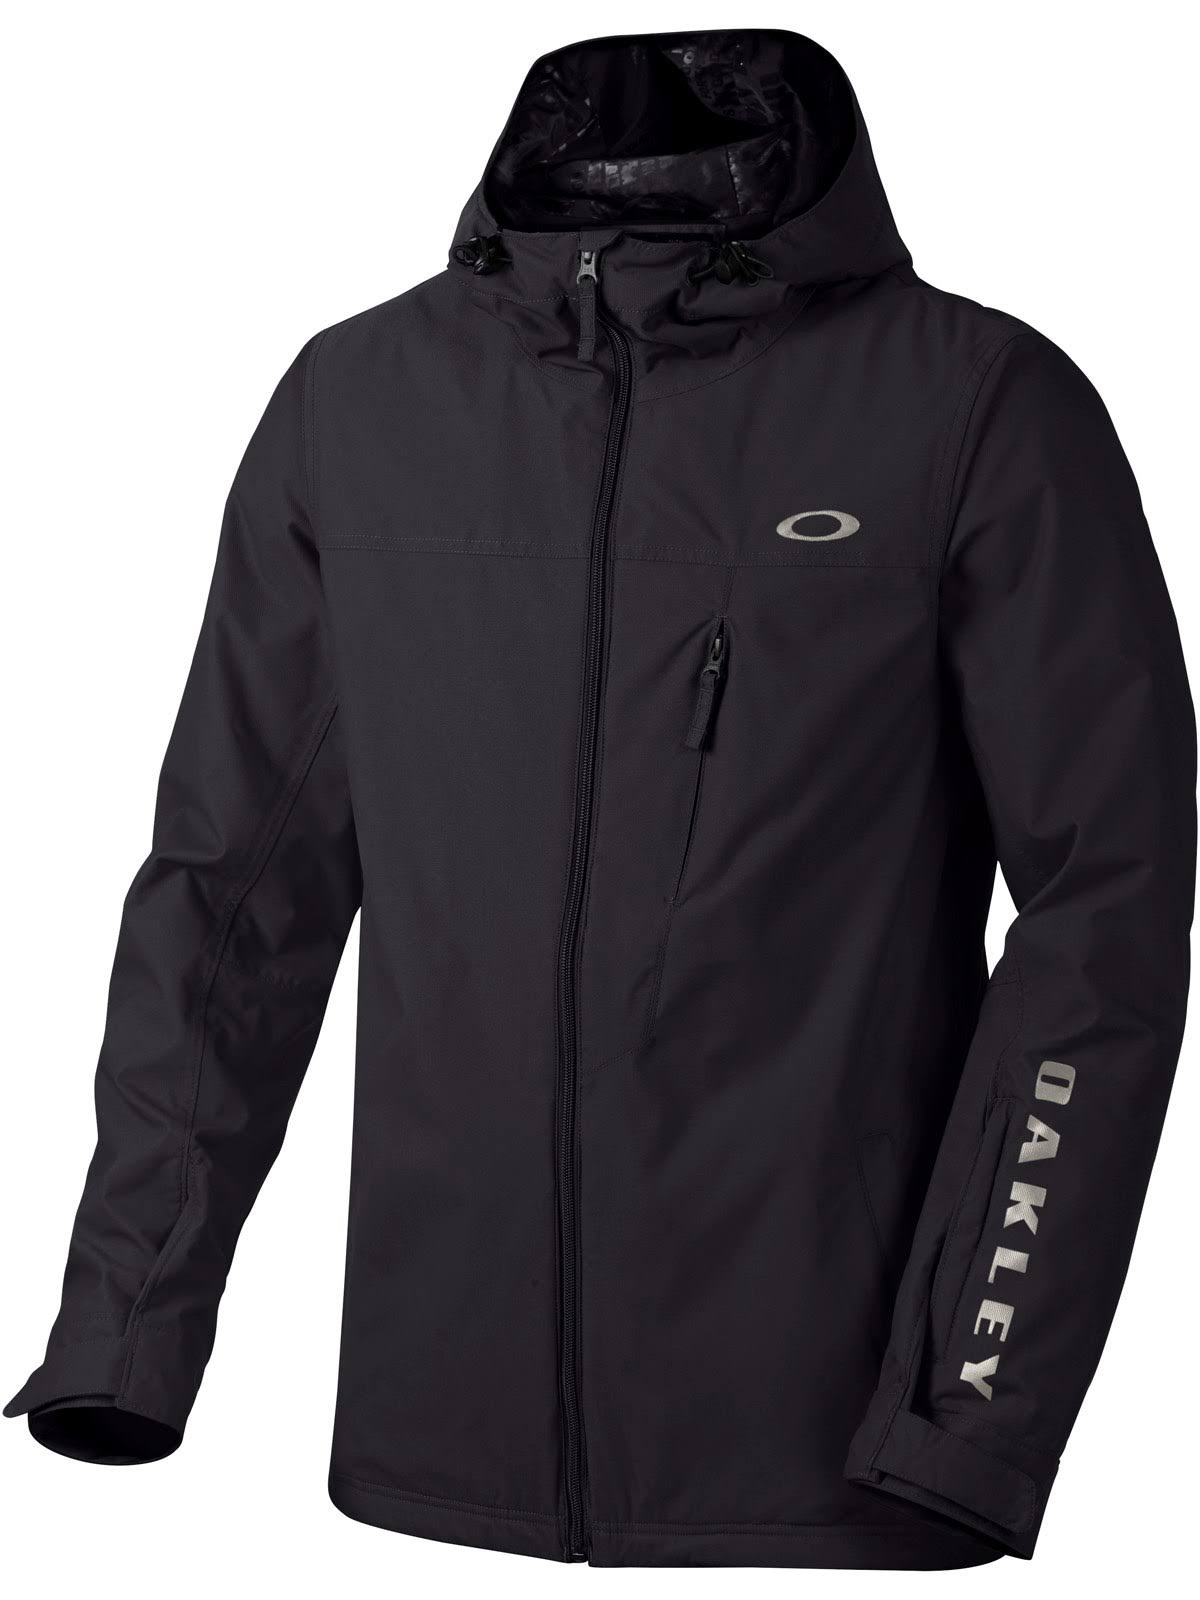 Snowboardjacke Cresent Oakley Klein Jet Black 2016 tqSSxB0wI7